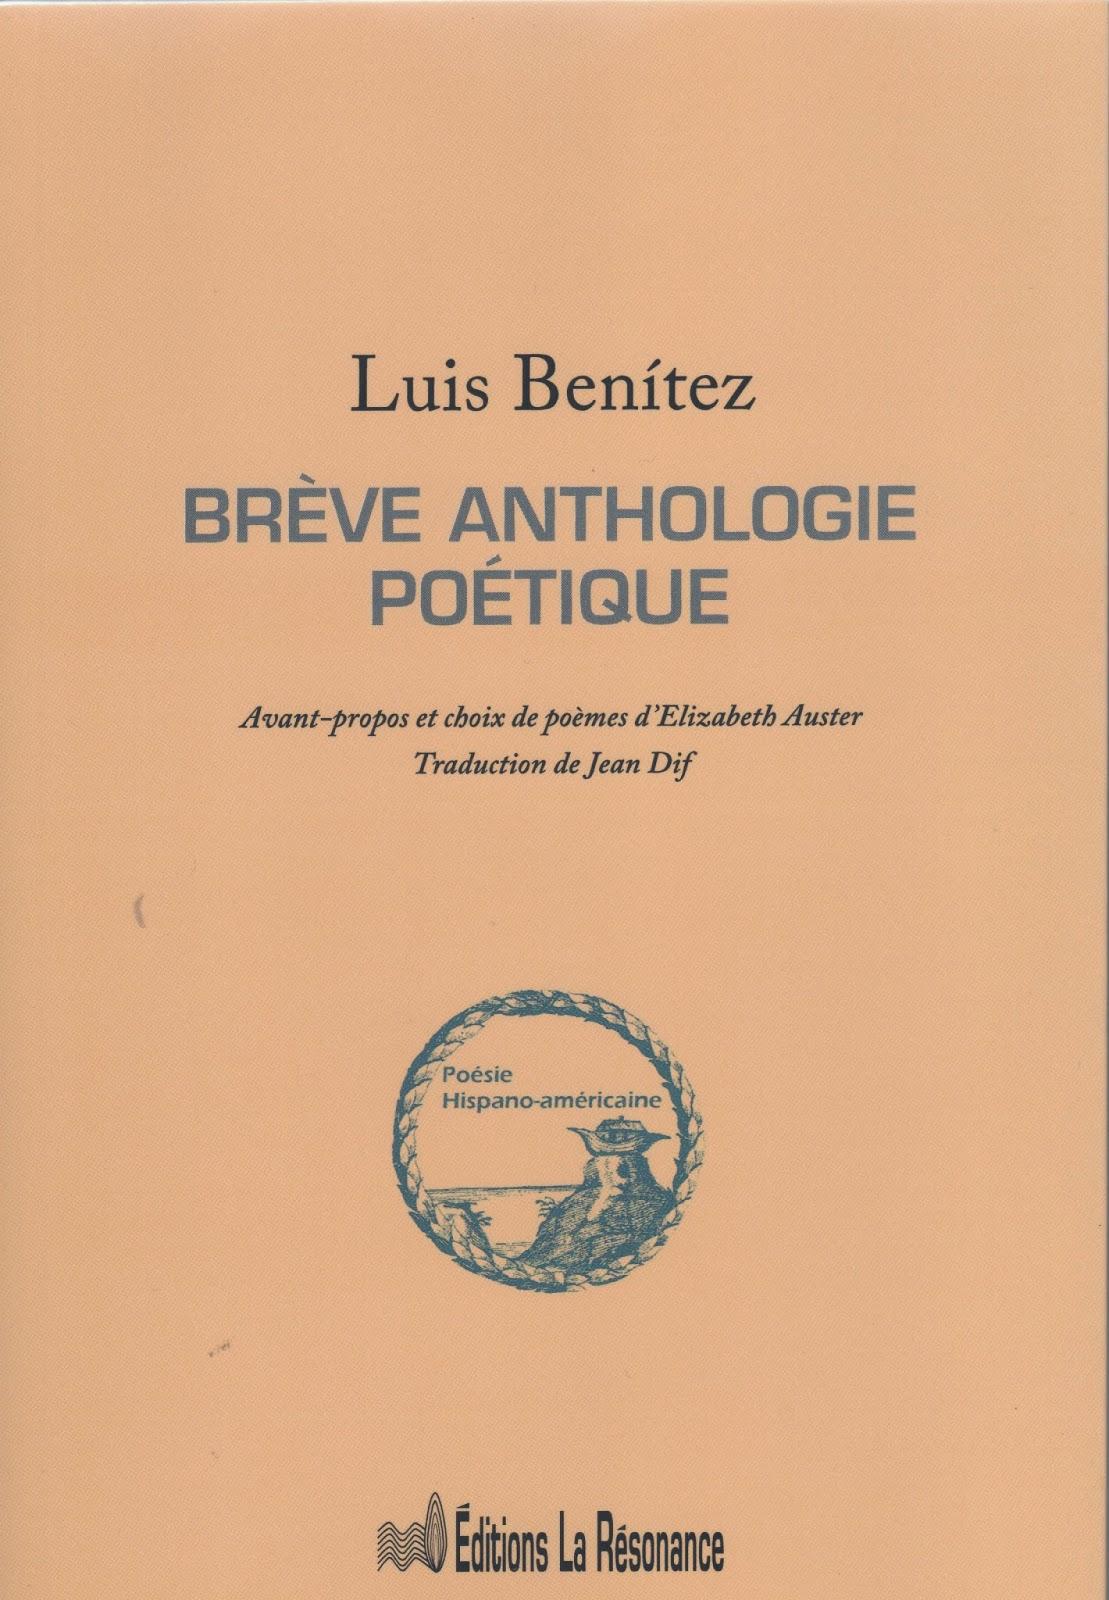 El Desaguadero Una Revista Francesa Dedicada Al Argentino